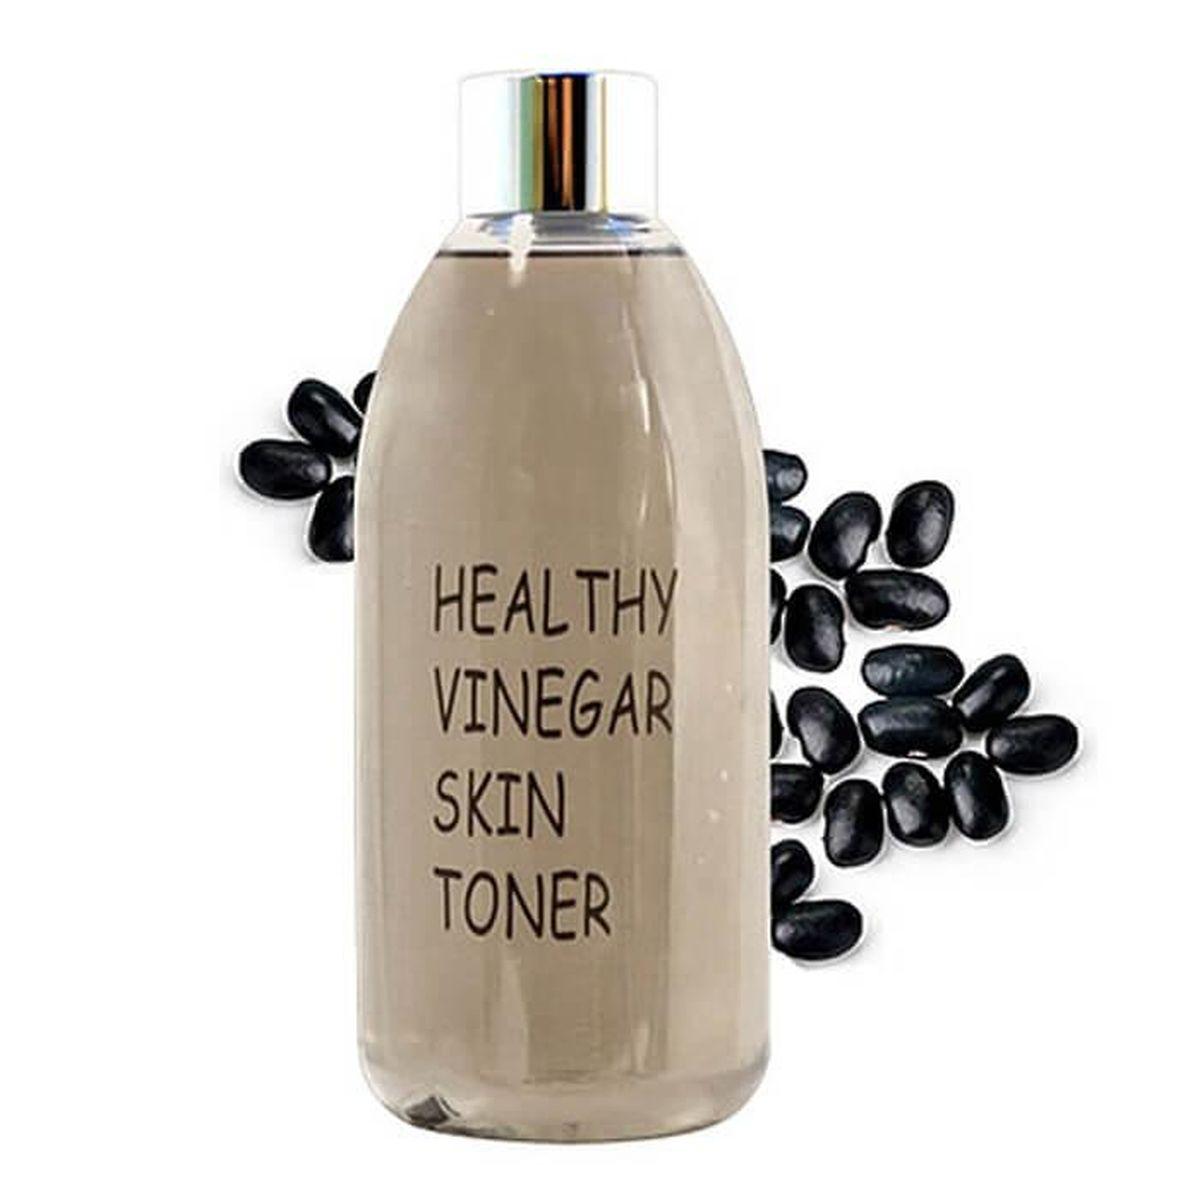 Омолаживающий тоник с соевыми бобами Realskin Healthy Vinegar Skin Toner (Black Bean) - 300 мл